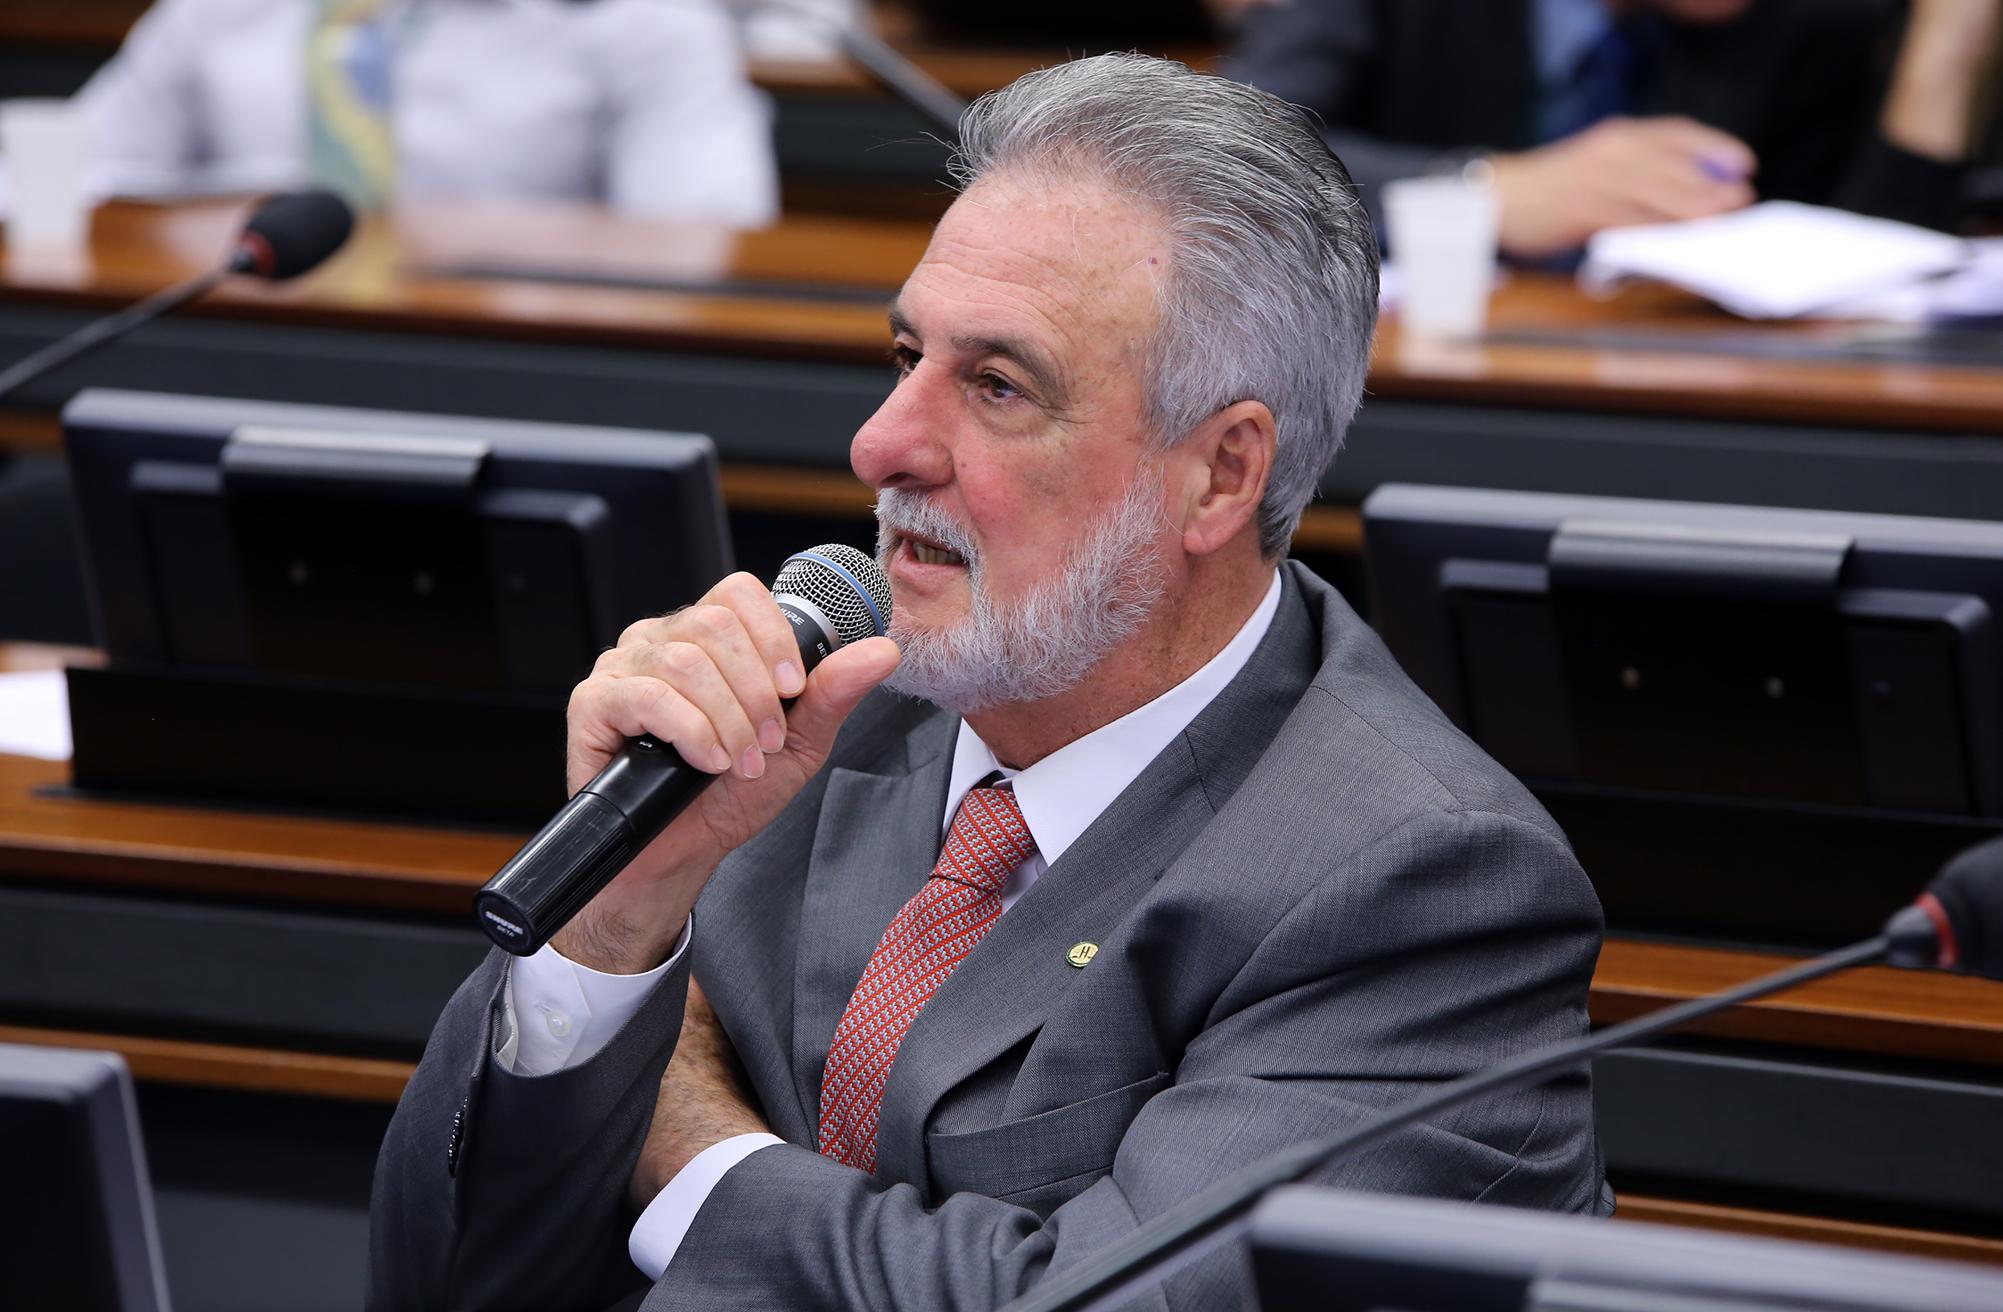 Audiência pública para oitiva do presidente da LBR Lácteos Brasil, Nelson Sampaio Bastos. Dep. Carlos Melles (DEM-MG)